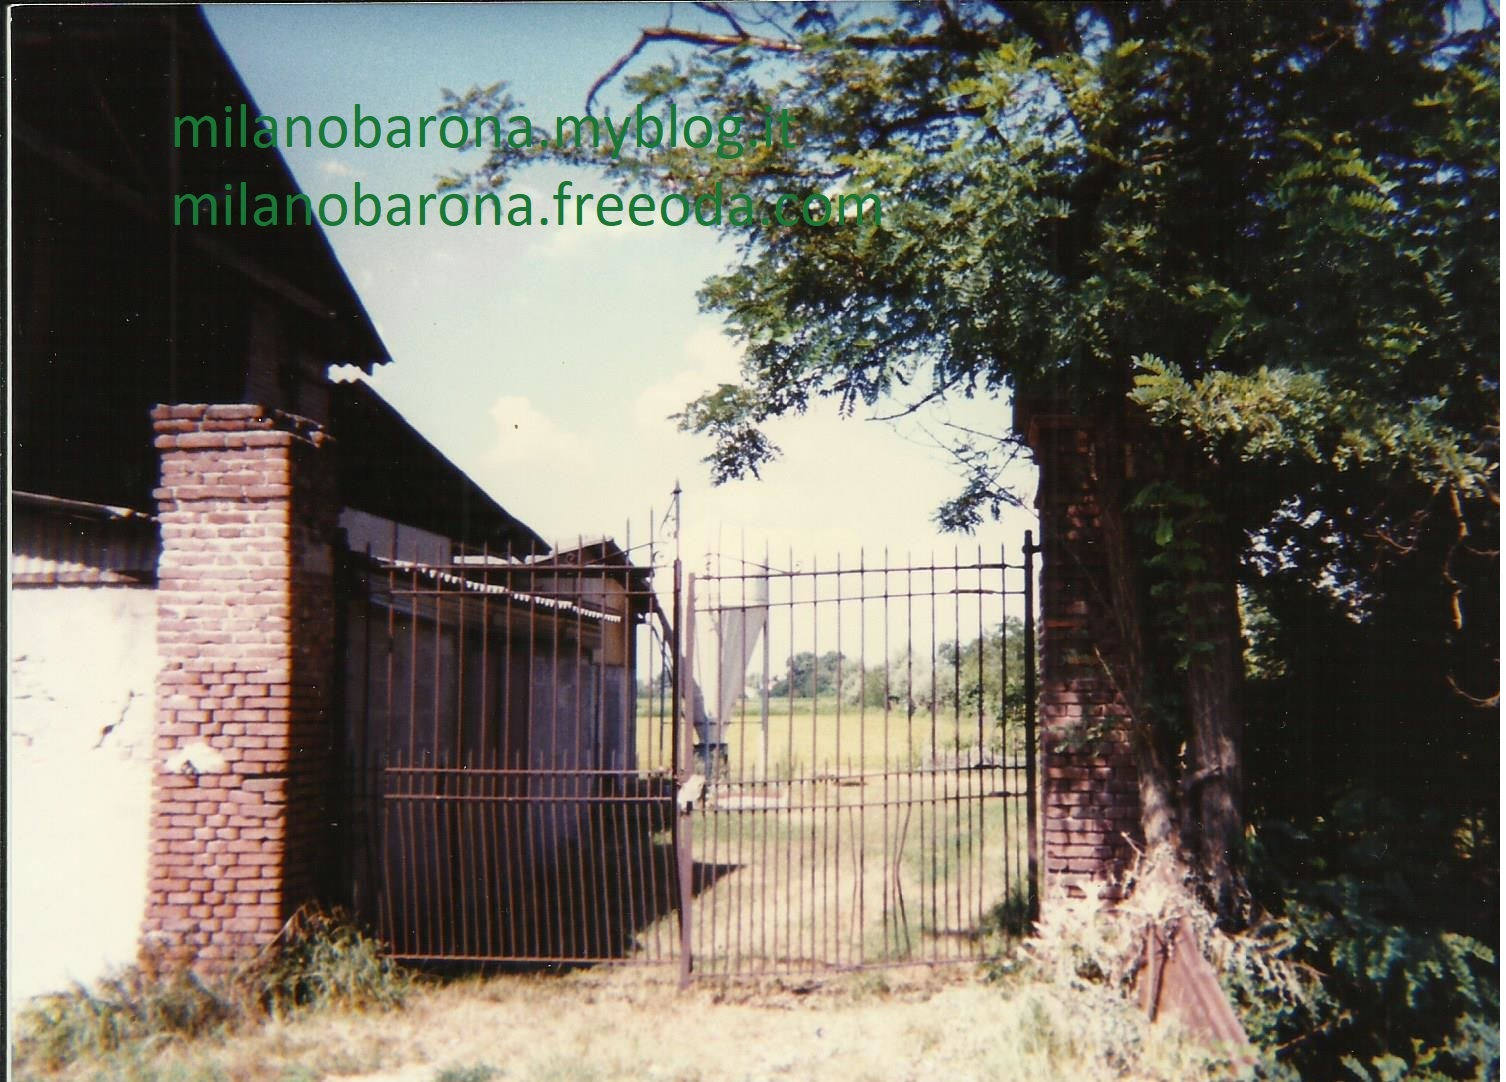 Milano 1995. Barona, Via Gattinara. Fonte fotografica proprietaria.